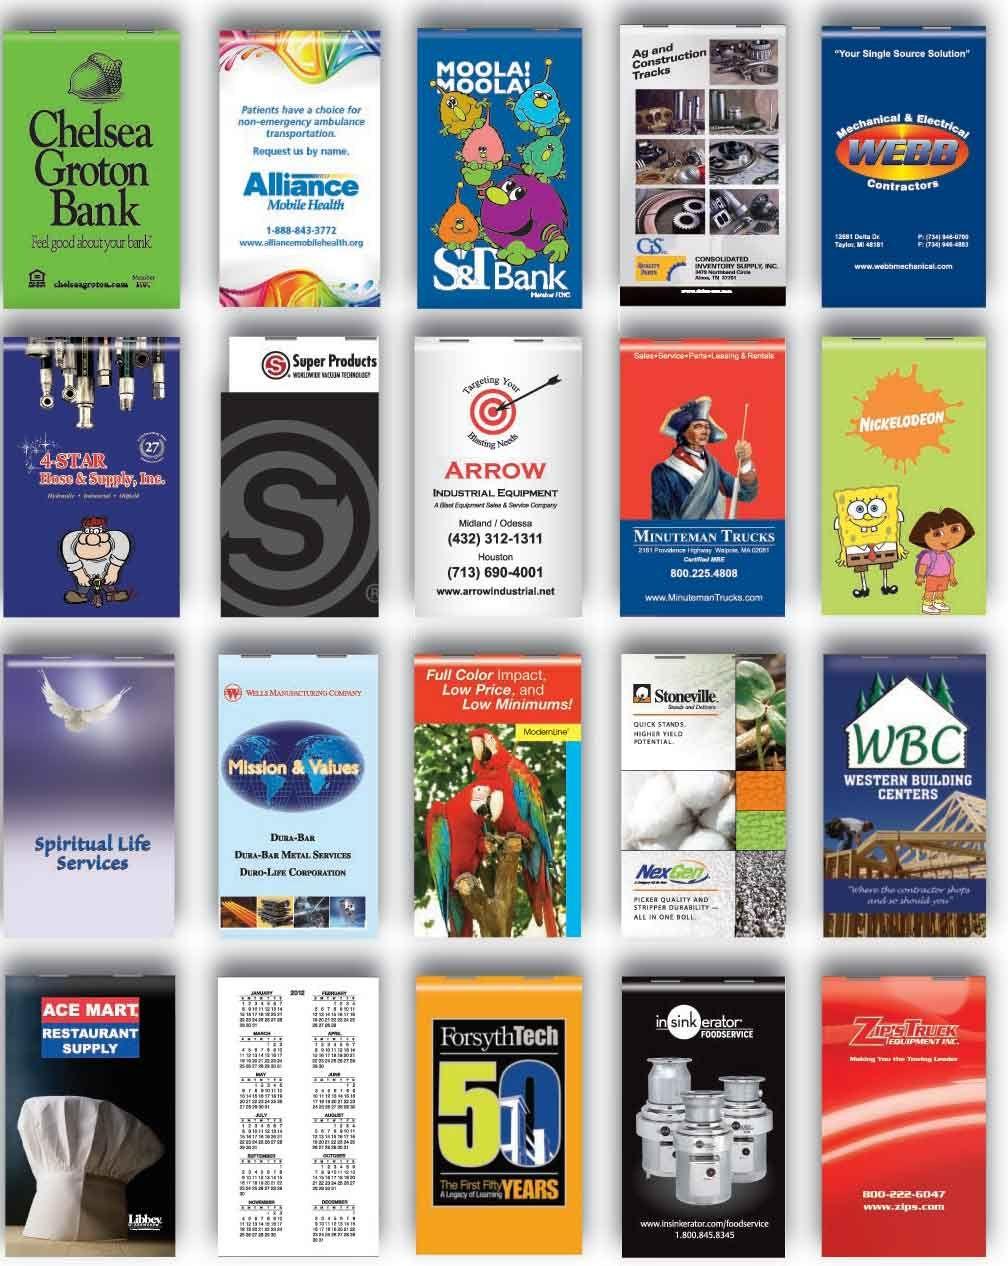 Pad 3 x 5 pouce imprimé en couleurs recto verso. 32 feuilles sur papier 10 pts. votre prix: $ 1.13  +  $ 35 de frais de montage. minimum= 500 Appeler votre représentant: 514-341-6272